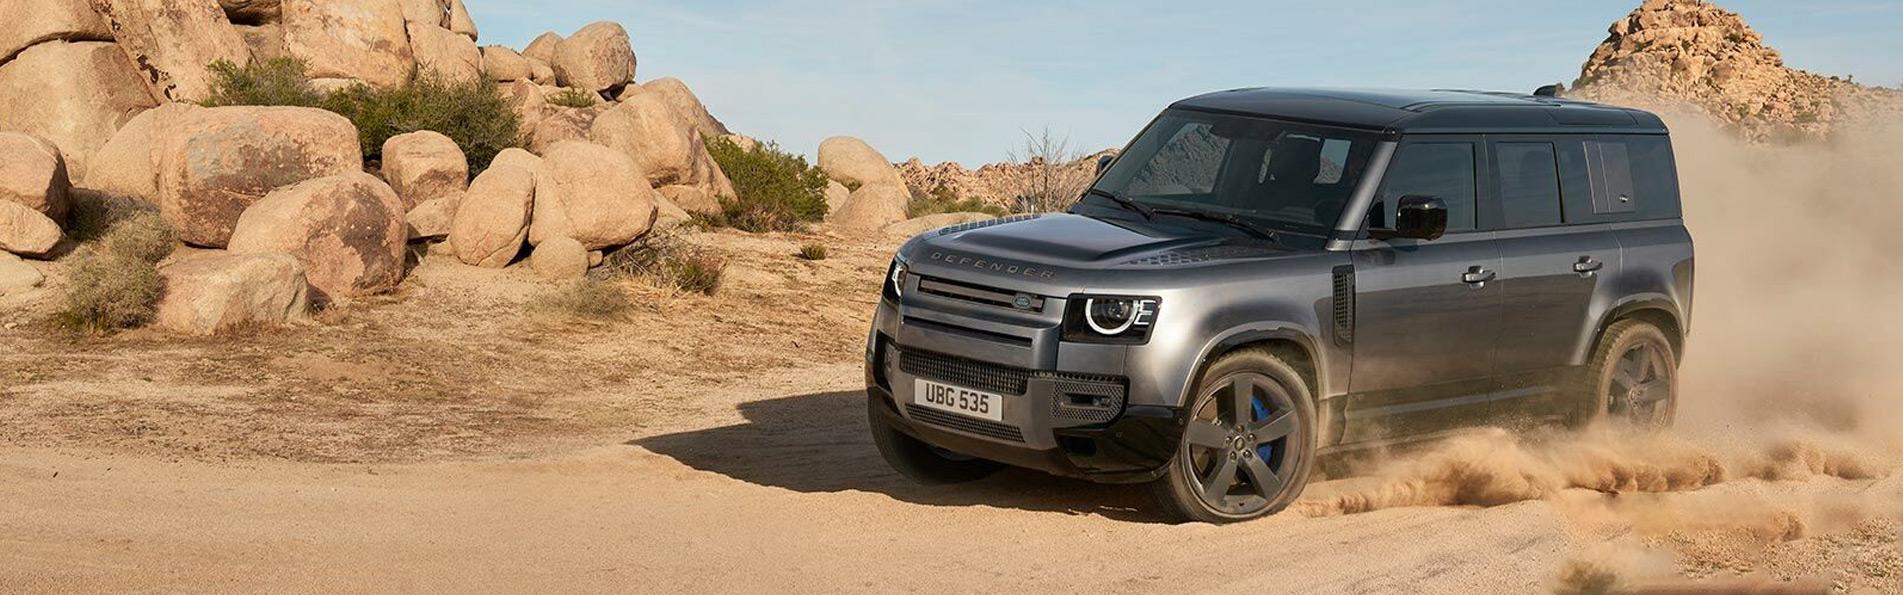 Ảnh ngoại thất Land Rover Denfender-1